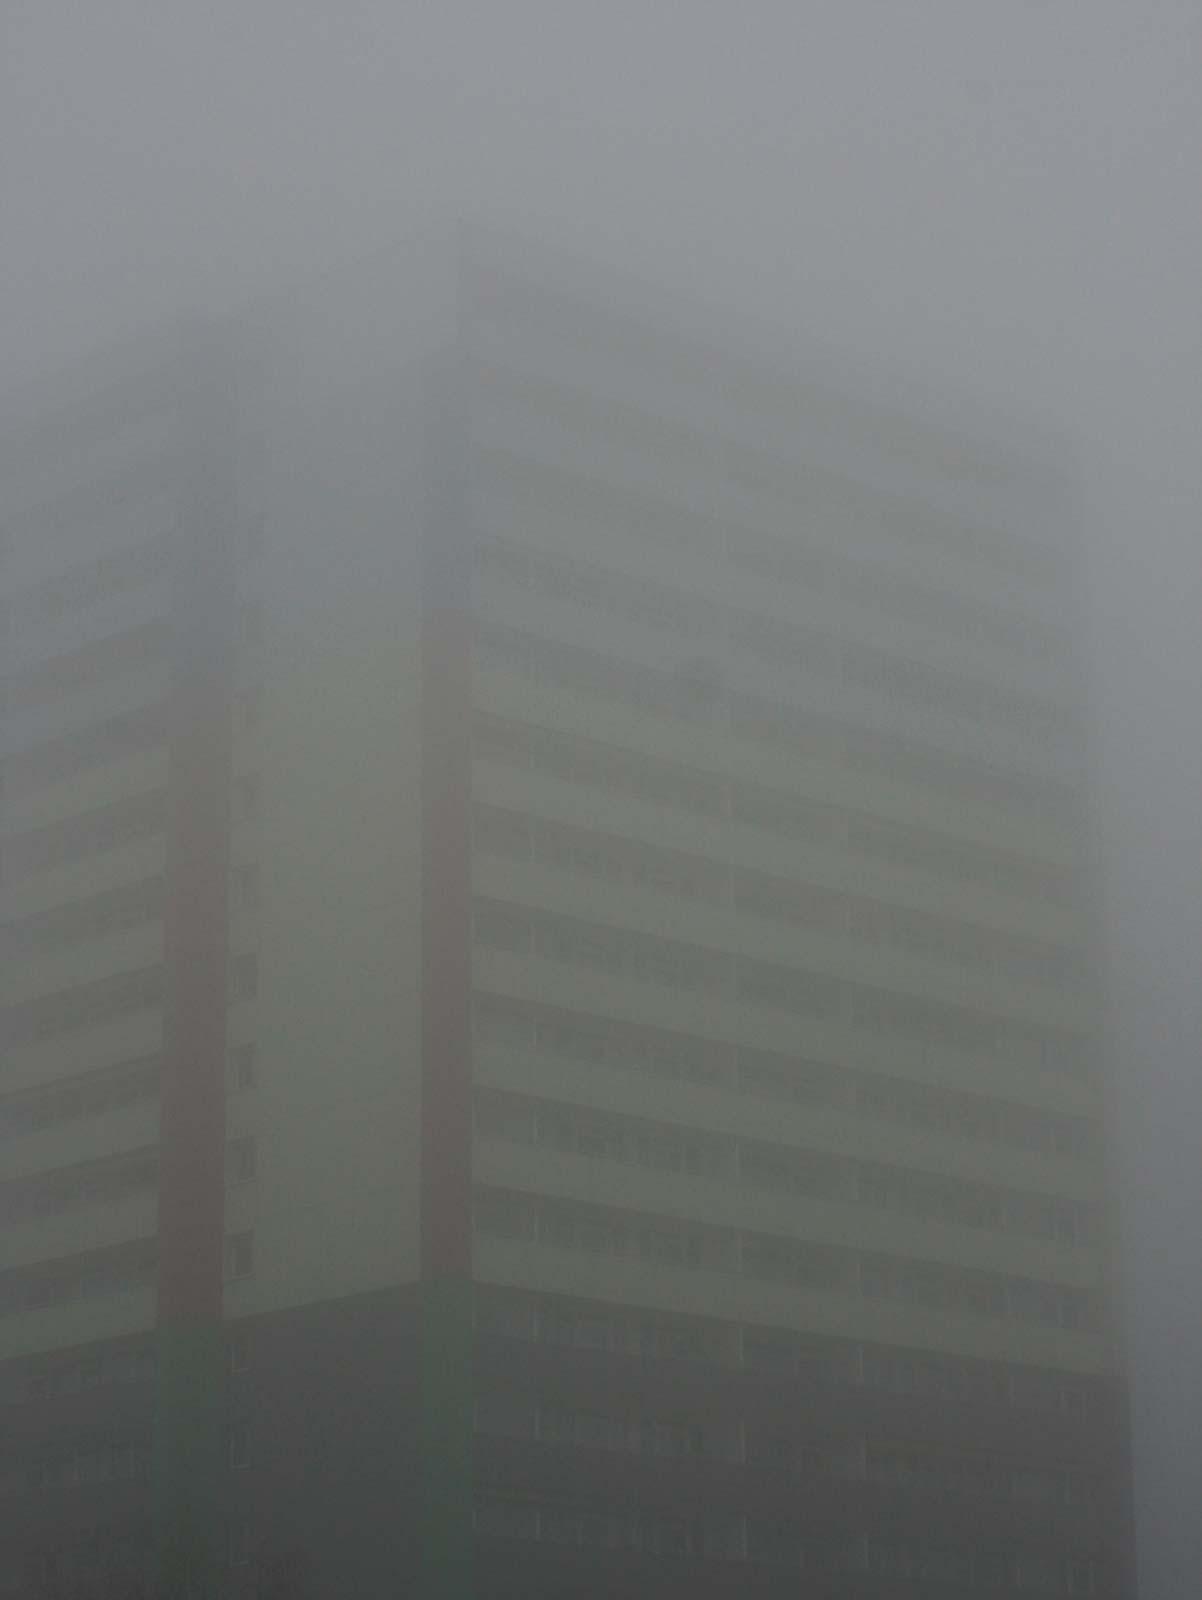 nebelbilder-zdf-2